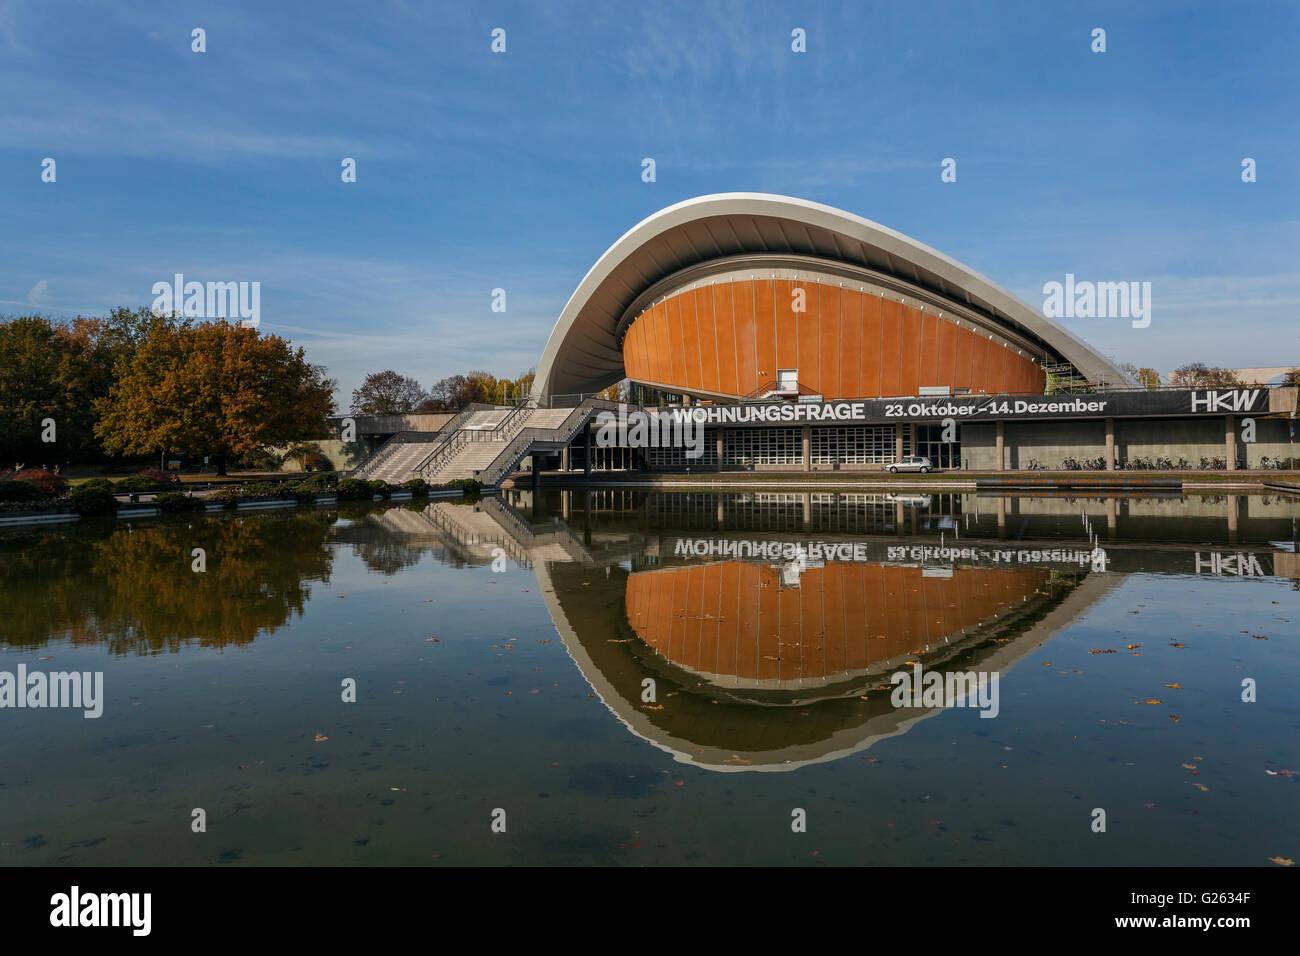 Haus der Kulturen der Welt, Maison des Cultures du Monde, Großer Tiergarten, architecte Hugh Stubbins, 1957, Photo Stock